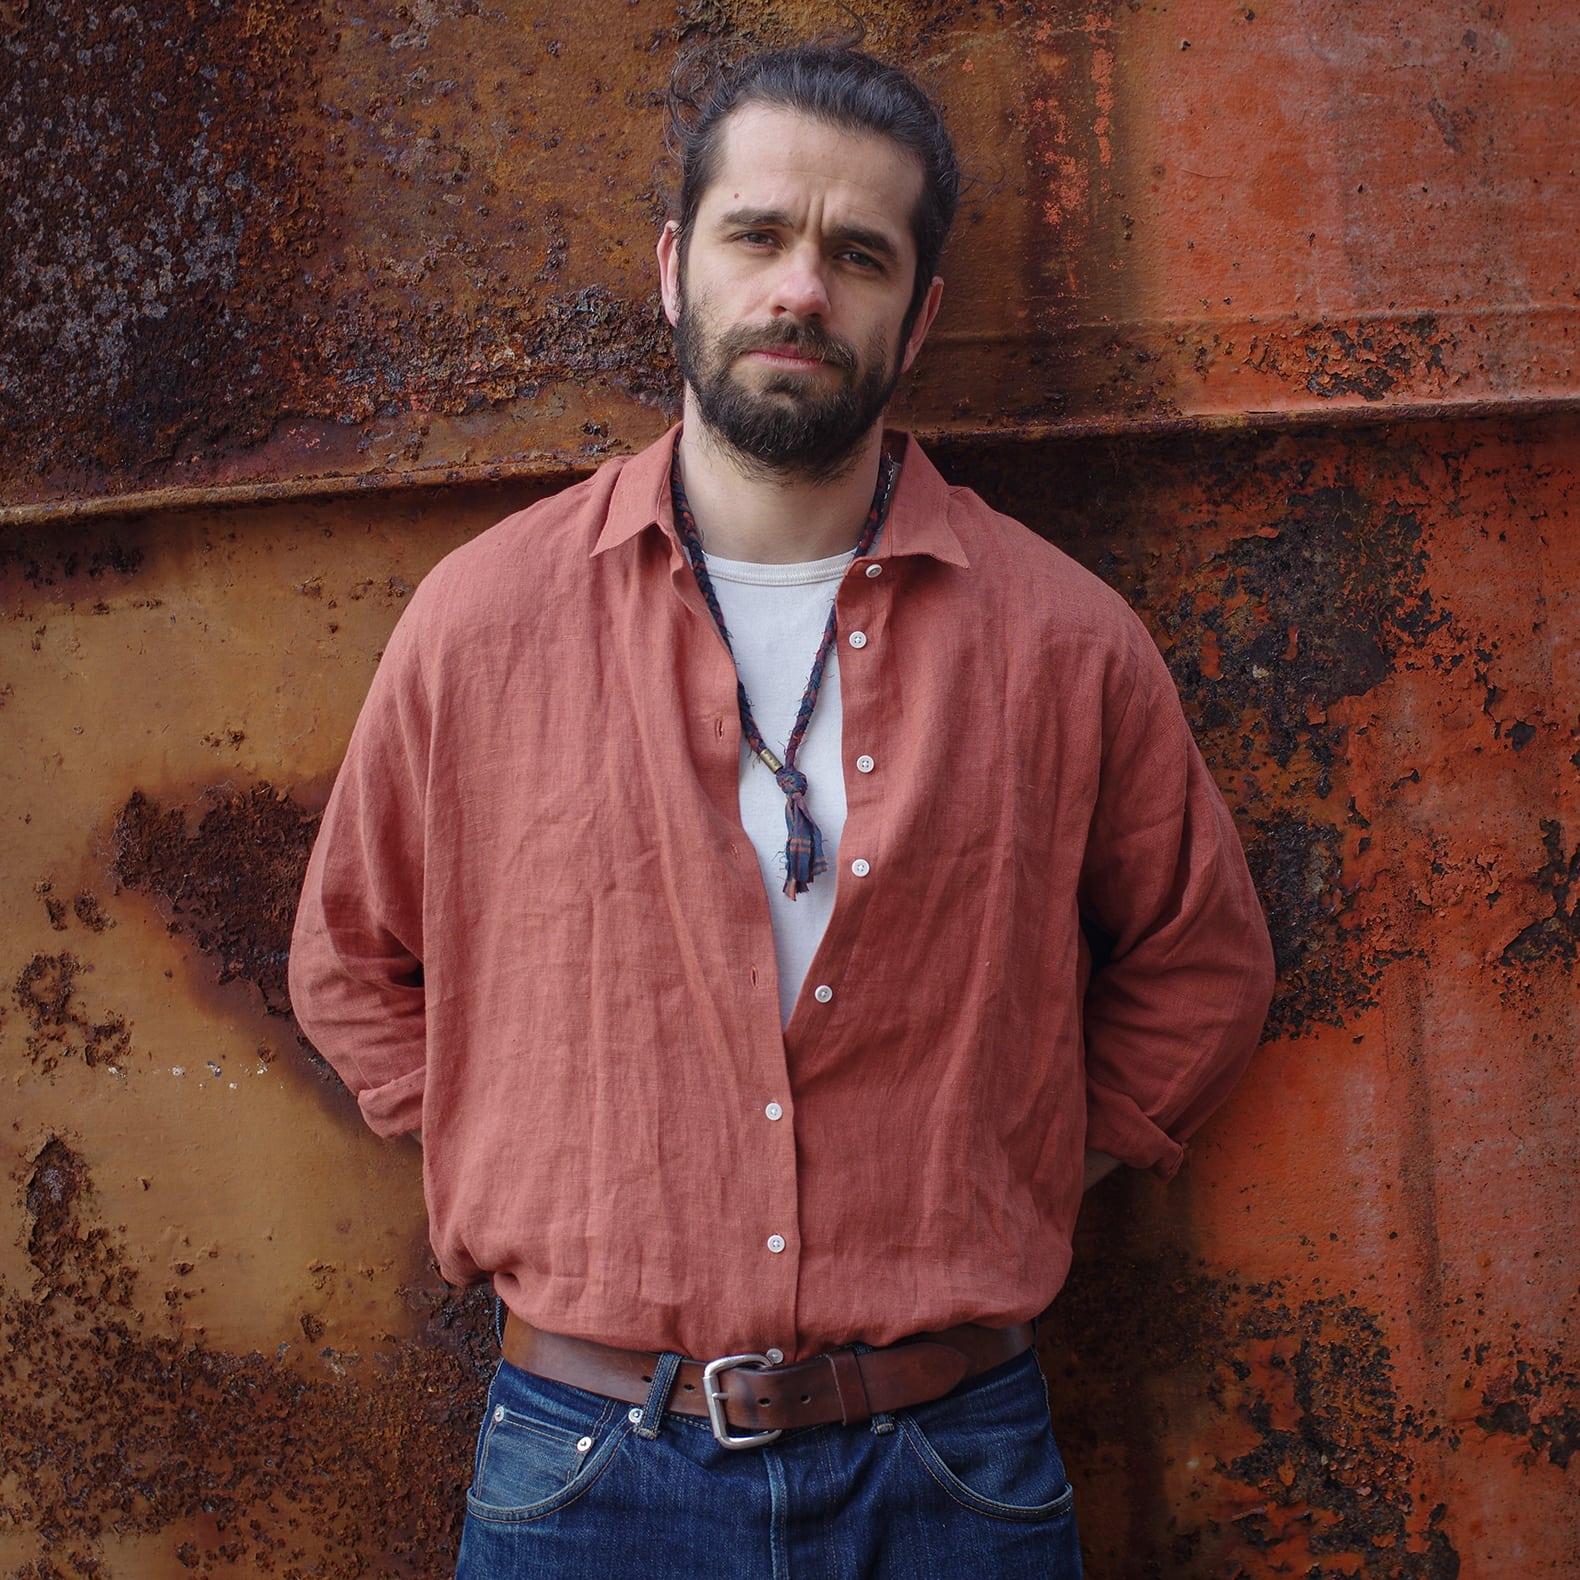 homme en chemise couleur rouille de la marque Histon projects avec un tee shirt blanc et un collier en tissu Borali